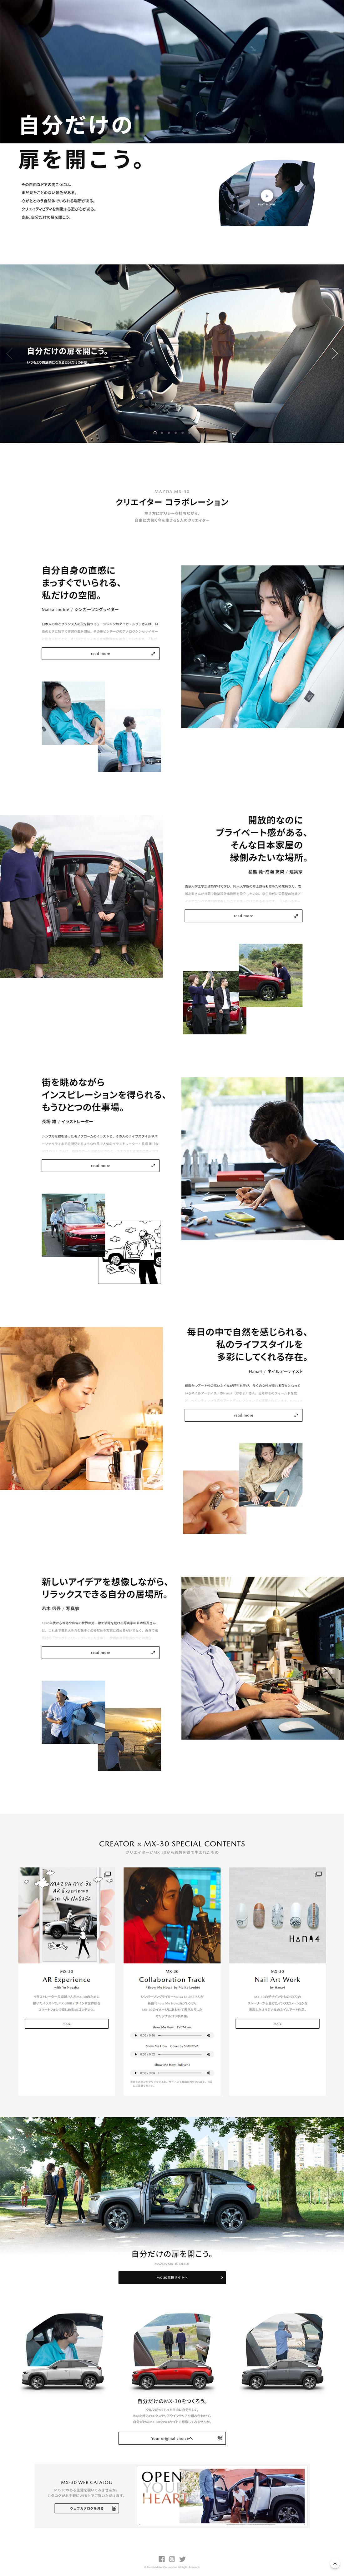 マツダ | Maika Loubte(マイカ・ルブテ)ほか × MX-30スペシャルサイト